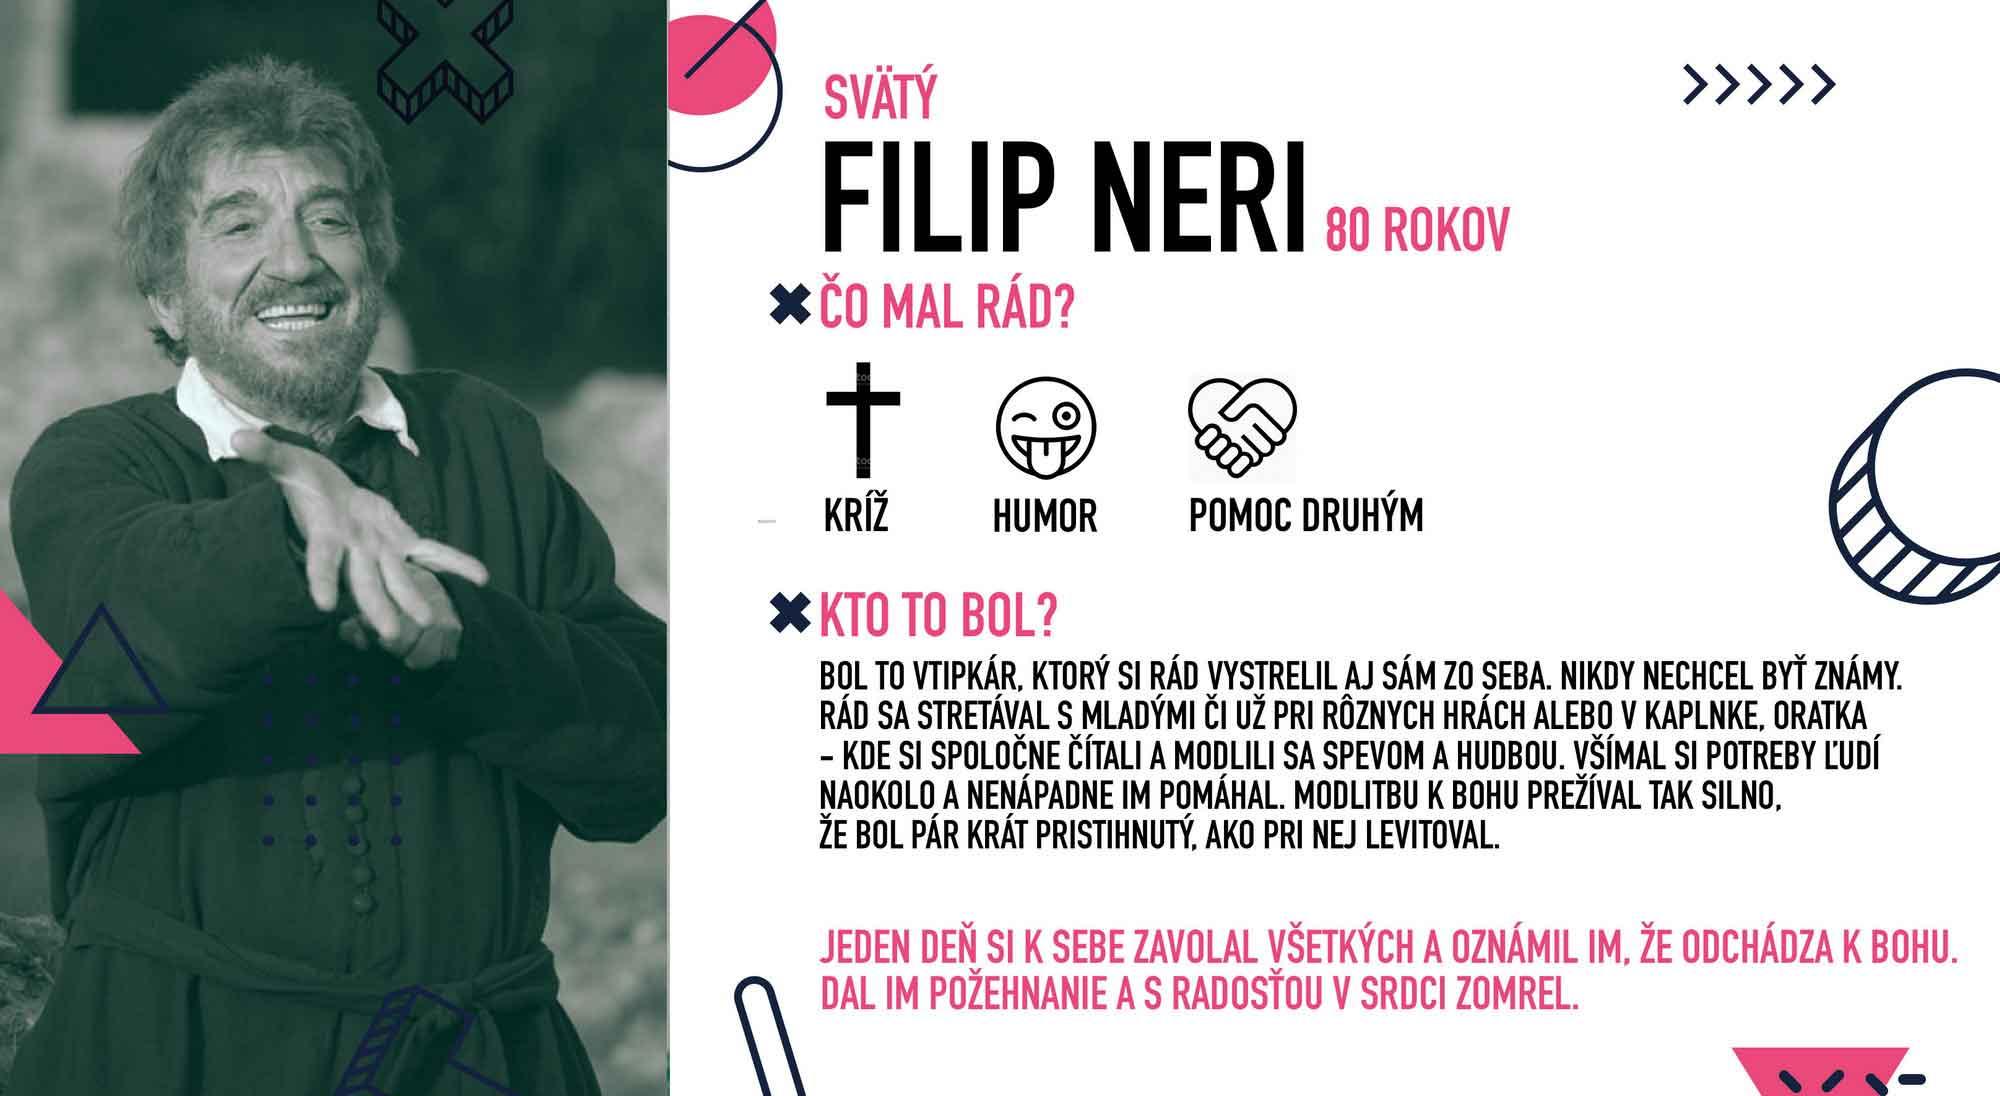 Filip-Neri